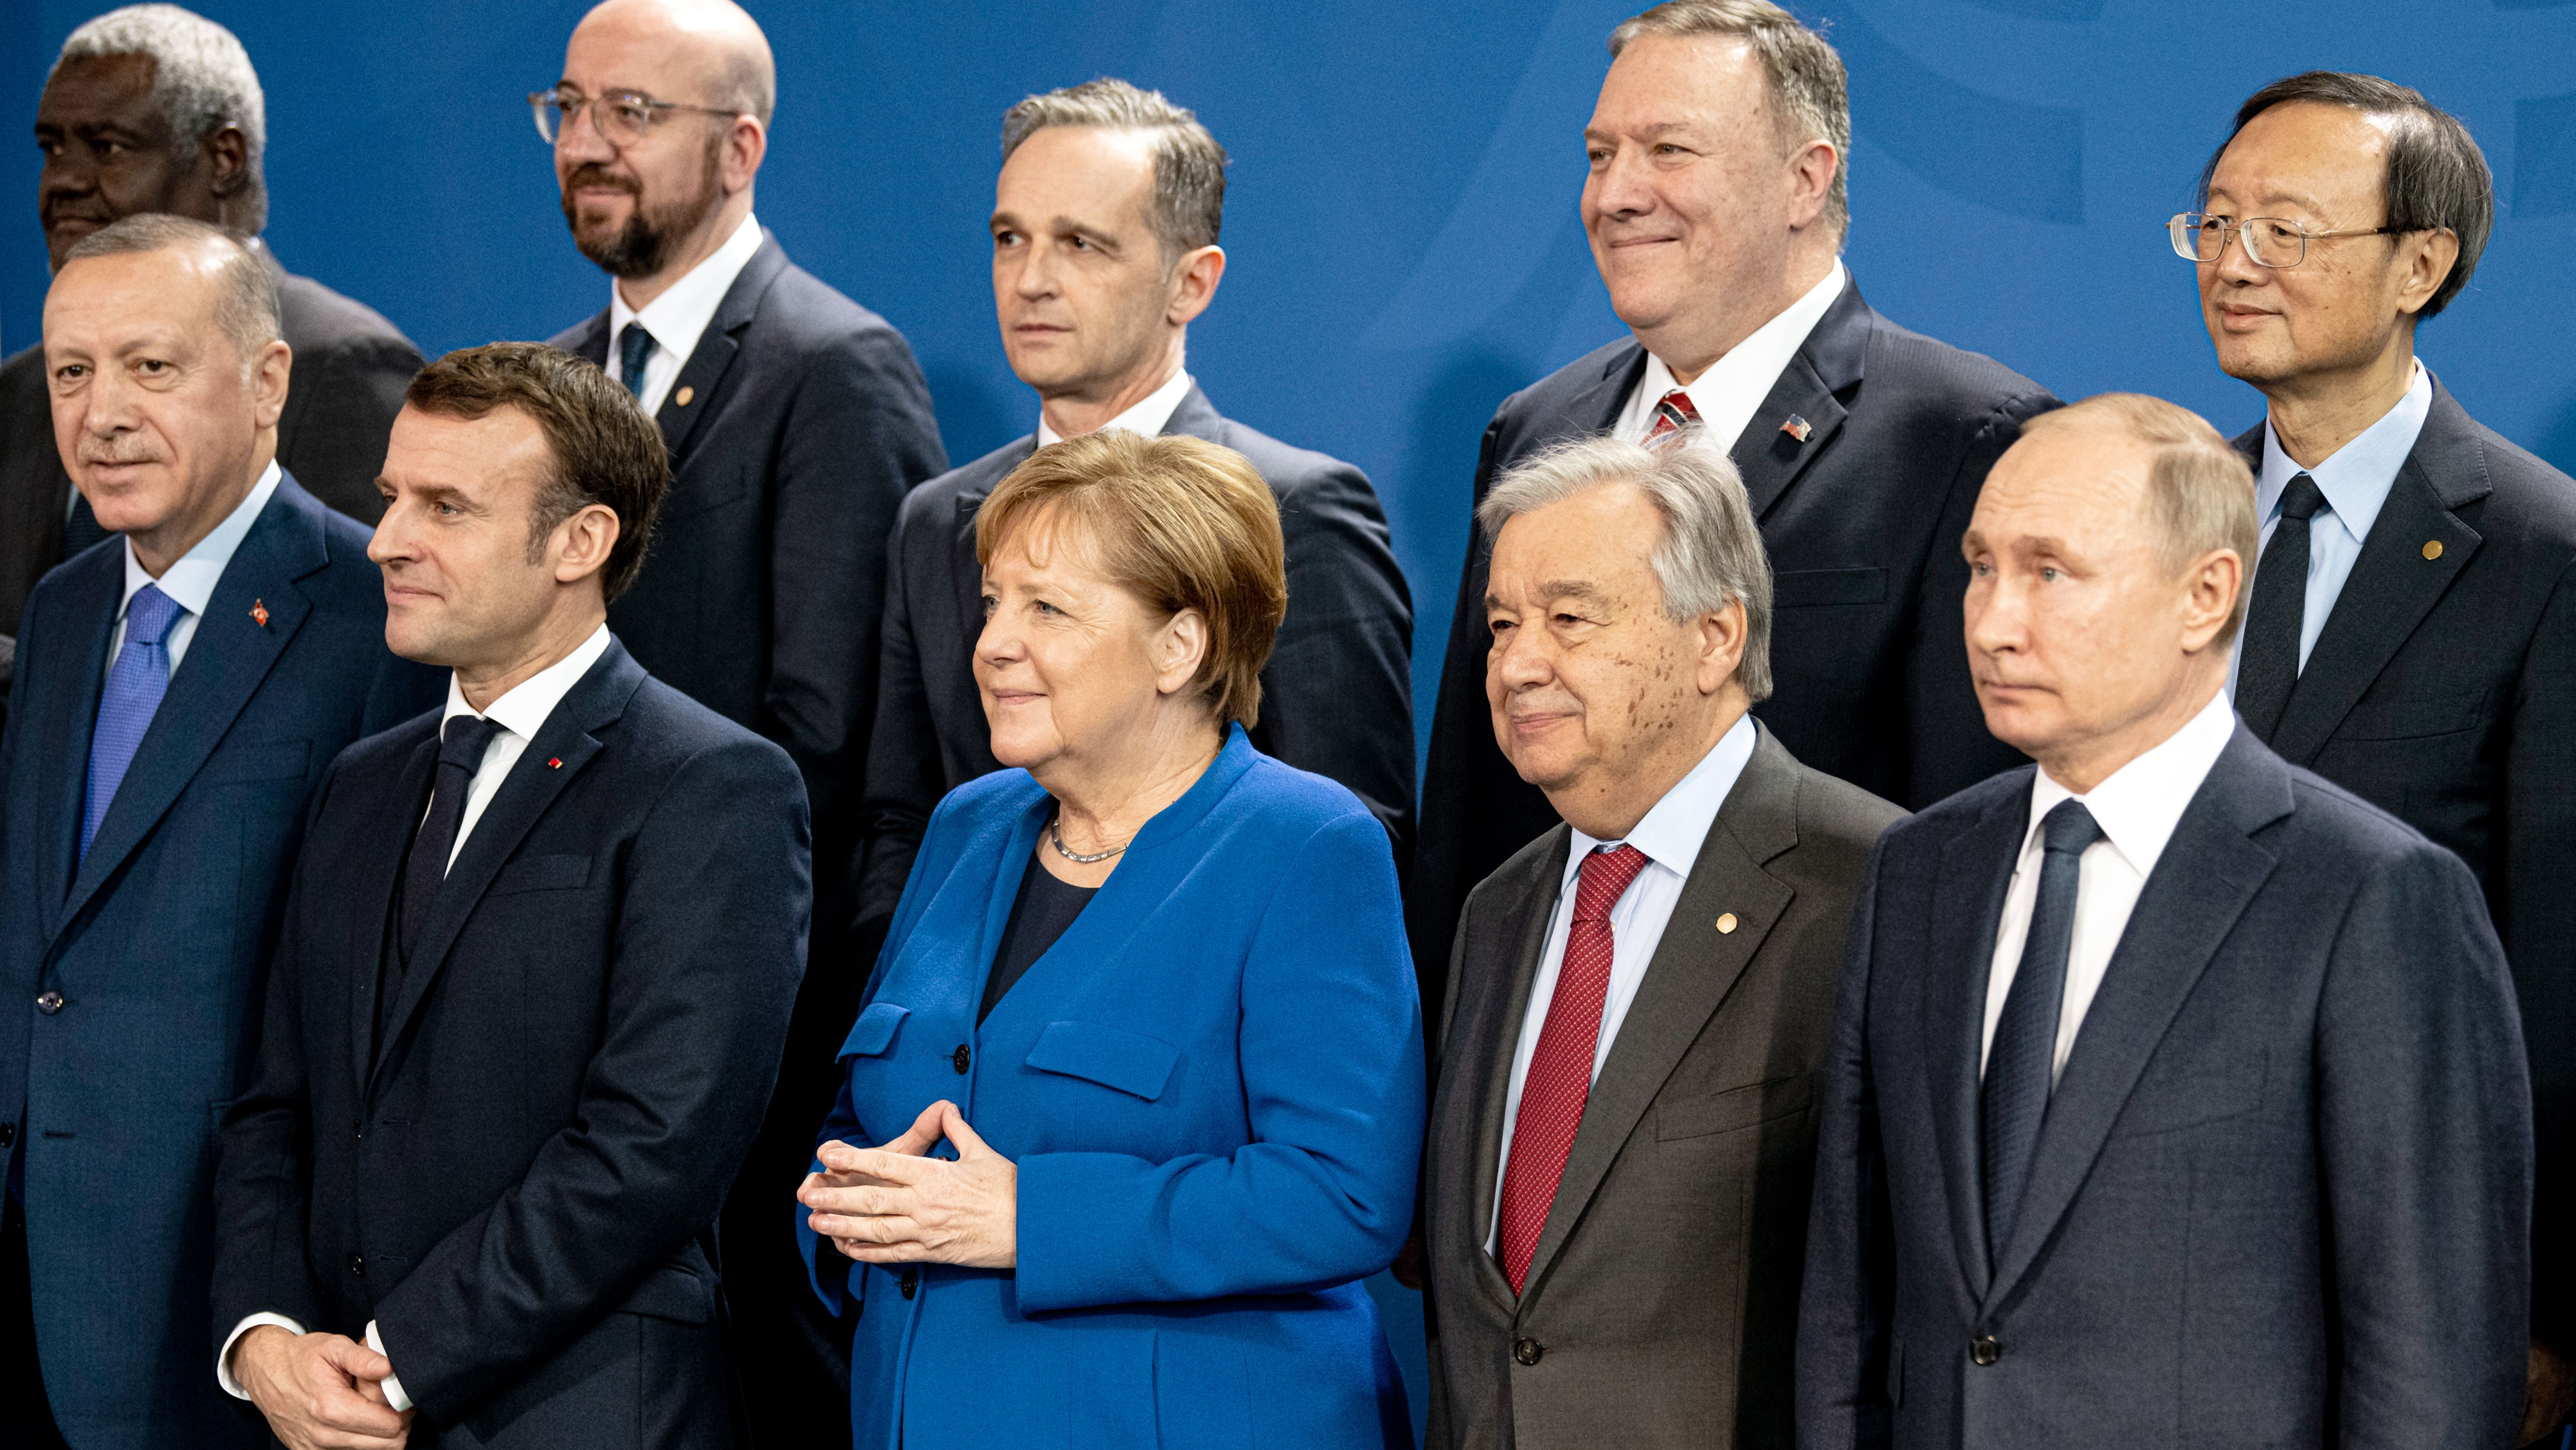 (vorne, l-r) Recep Tayyip Erdogan, Präsident der Türkei, Emmanuel Macron, Präsident von Frankreich, Bundeskanzlerin Angela Merkel (CDU), Antonio Guterres, Generalsekretär der Vereinten Nationen, Wladimir Putin, Präsident von Russland. ahinter (2. Reihe, l-r) Moussa Faki, Vorsitzender der Afrikanischen Union, Charles Michel Präsident des Europäischen Rat, Außenminister Heiko Maas (SPD), Mike Pompeo, Außenminister der USA, Yang Jiechi, Direktor für Auswärtige Angelegenheiten im Politbüro der KP China